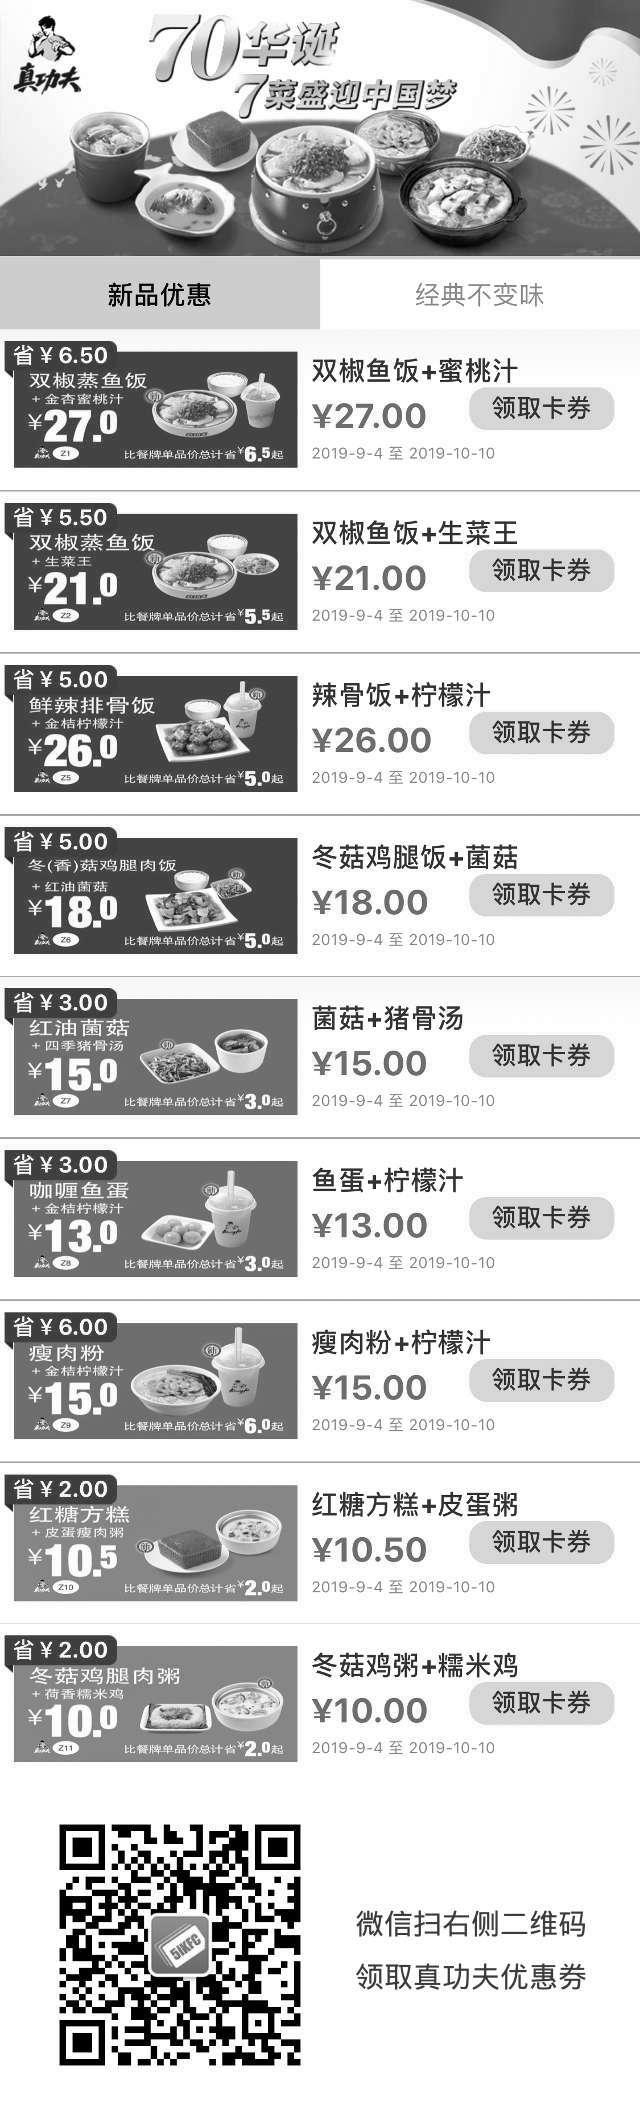 黑白优惠券图片:真功夫2019年9月10月优惠券卡券,新品优惠经典不变味 - www.5ikfc.com